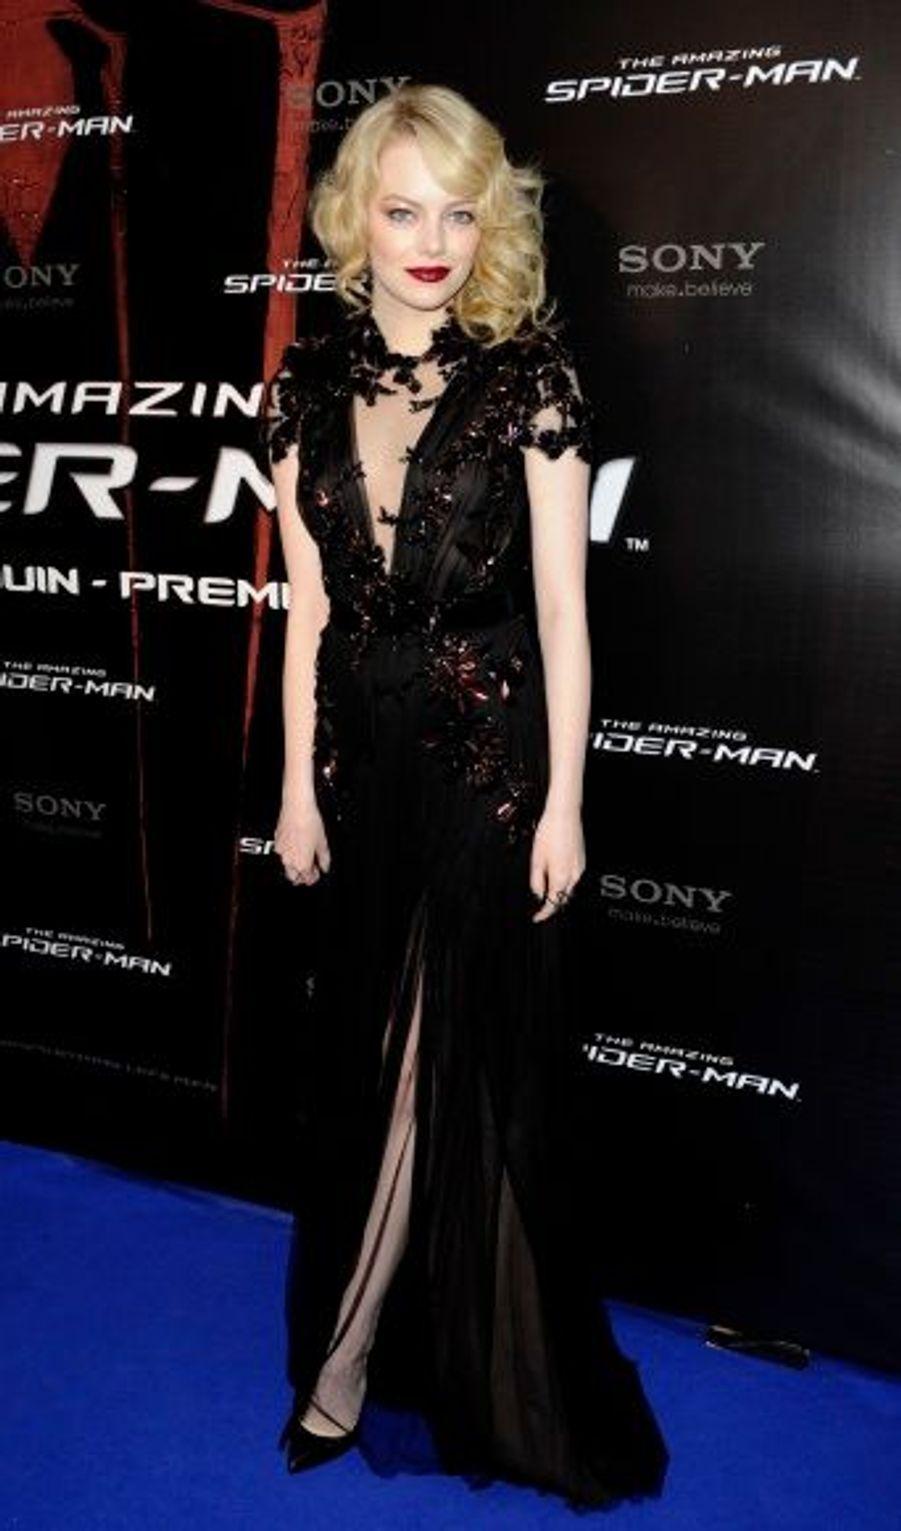 Le 19 juin, à Paris. Devant le Grand Rex, elle était drapée dans une robe Gucci. Une tenue accessoirisée avec une minaudière Cartier, des bijoux Repossi et des escarpins Louboutin.